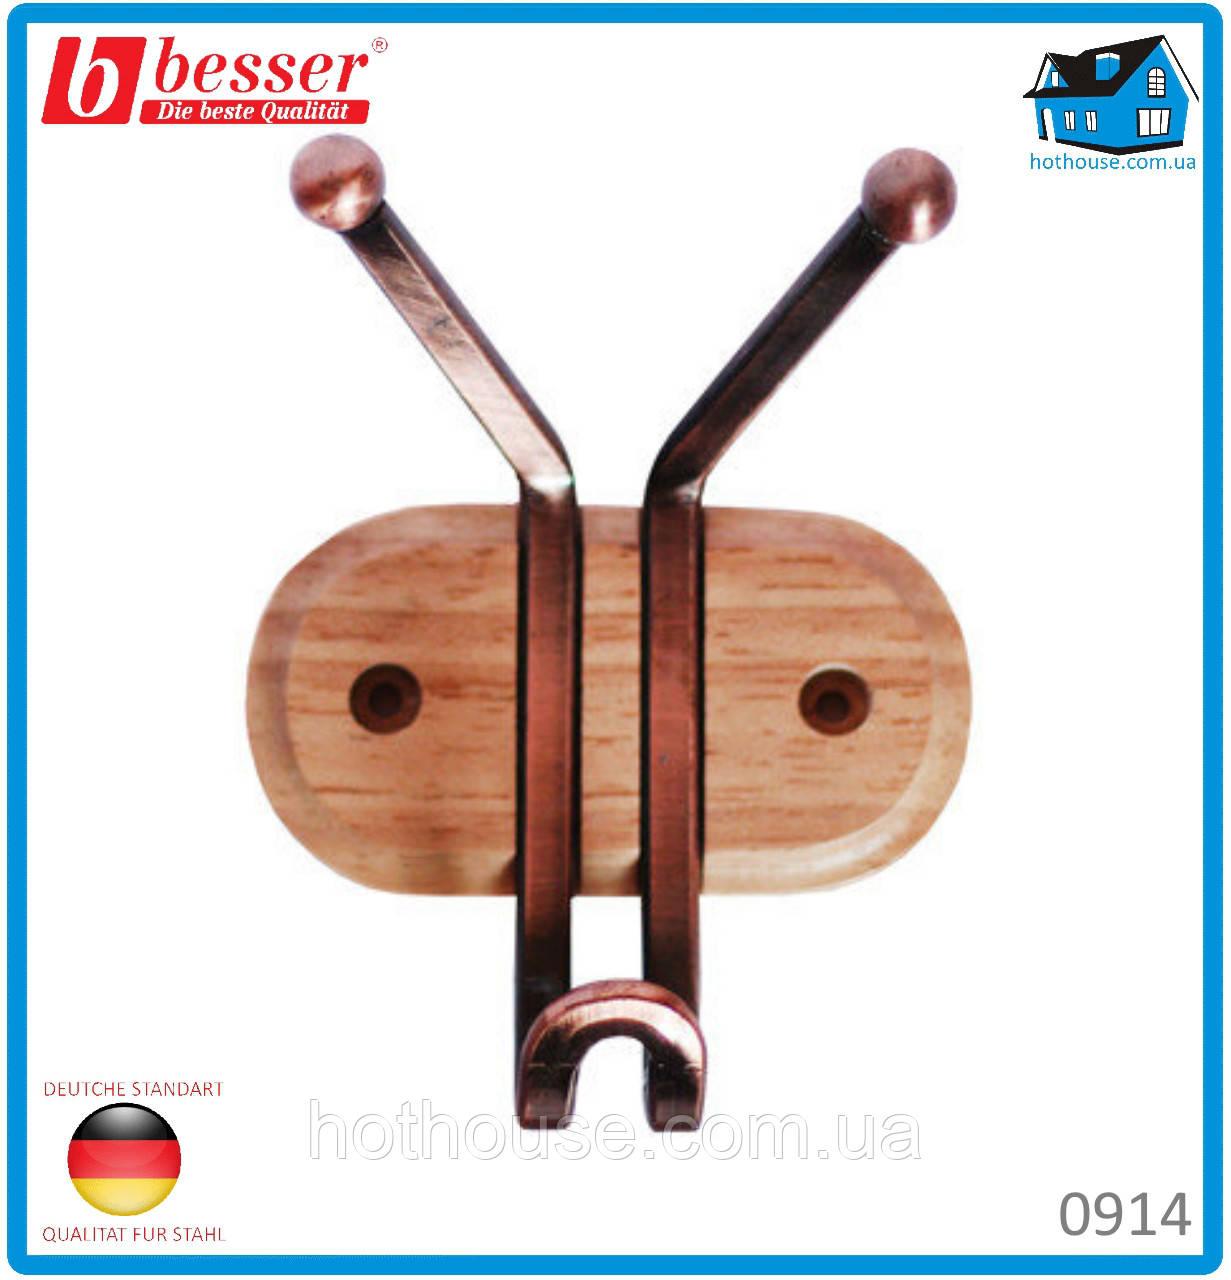 Вешалка Besser 0914 с  тройным крючком деревянная 10*6.5*13см